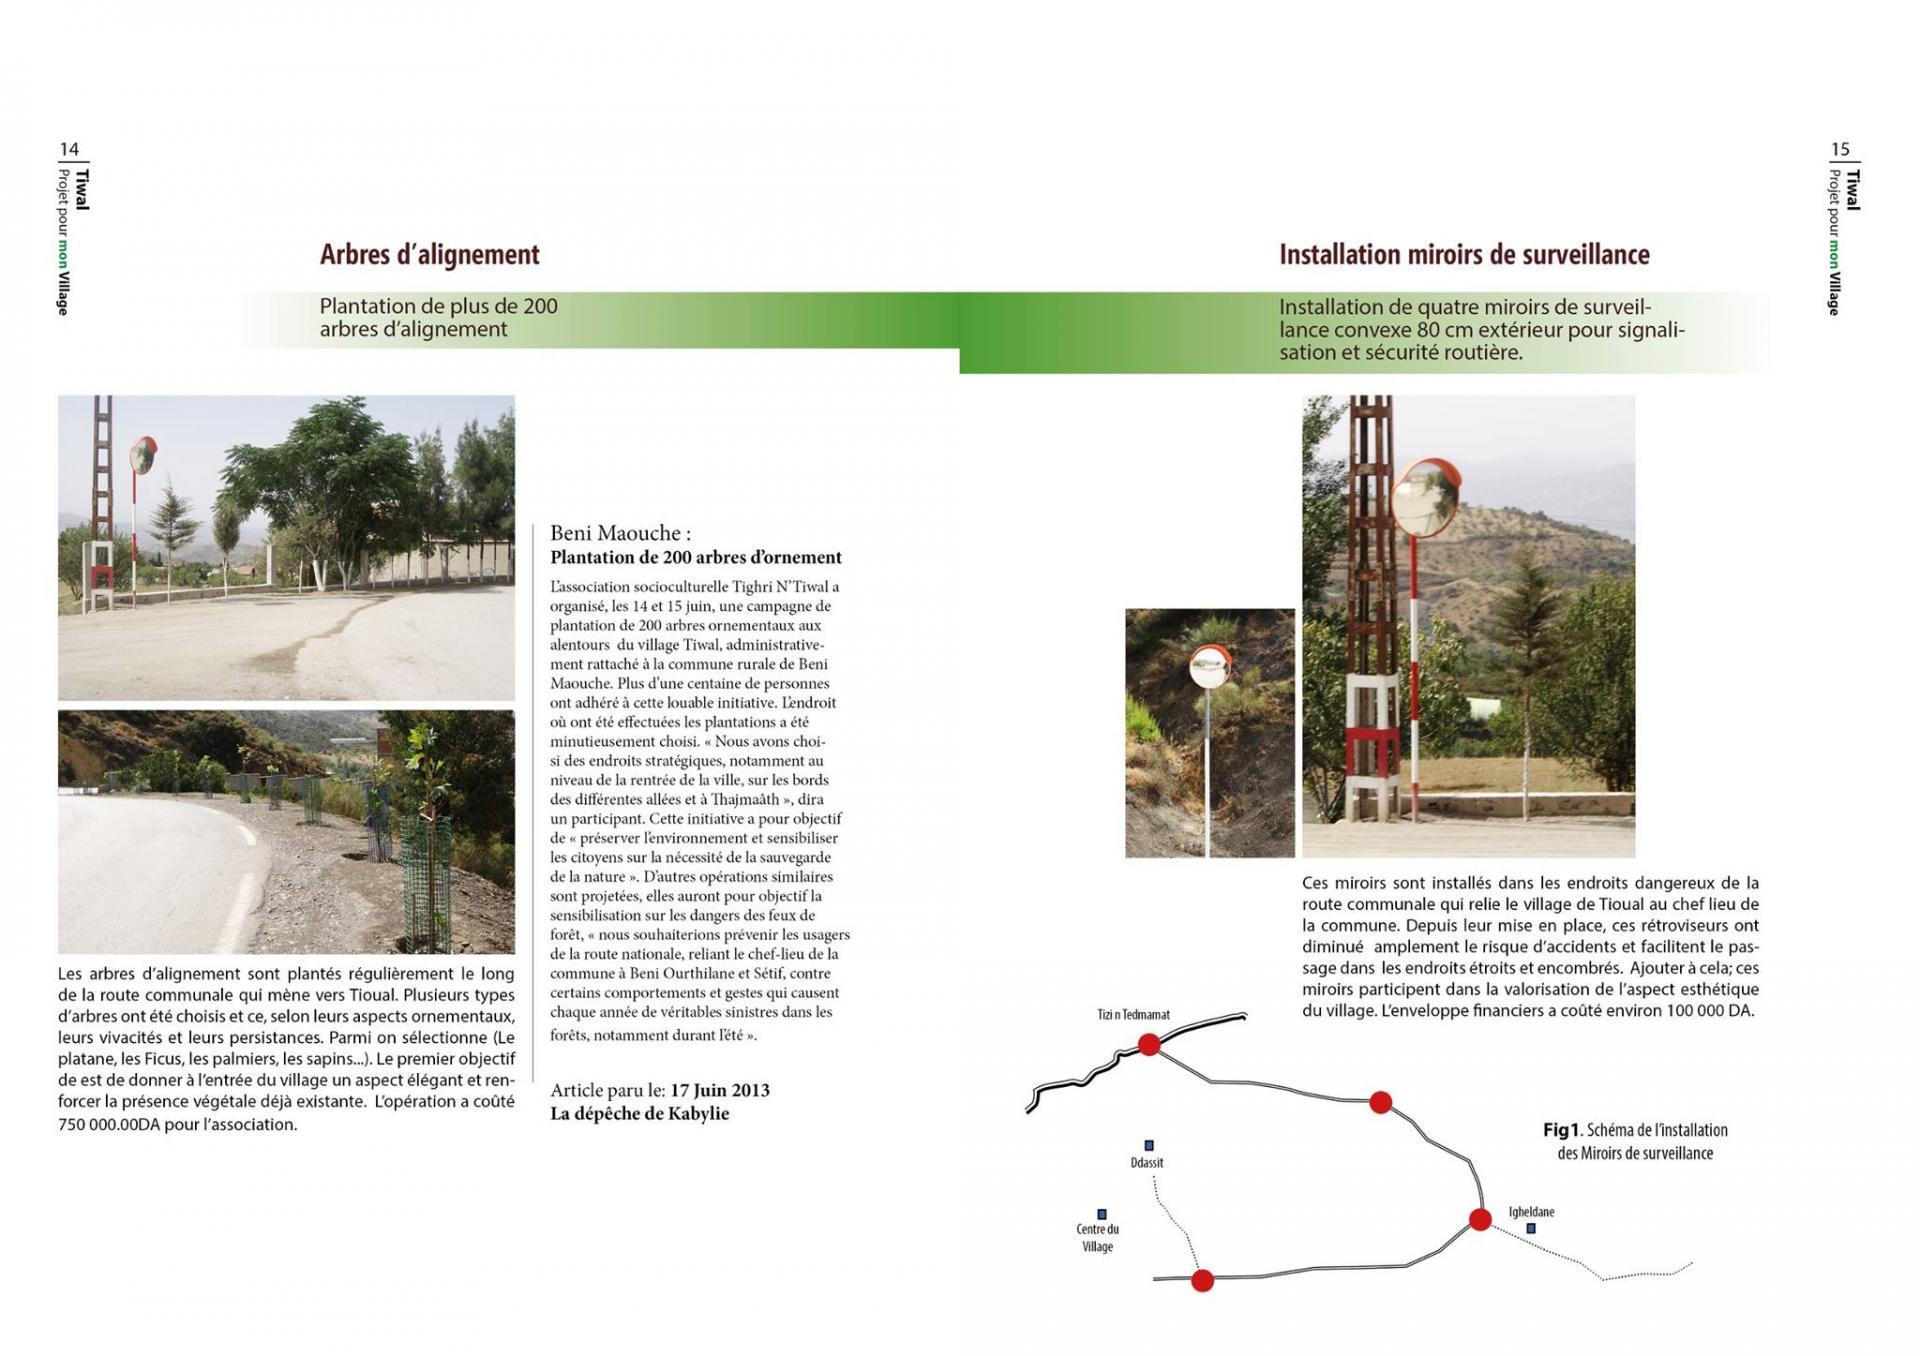 Projet pour mon village tiwal 8